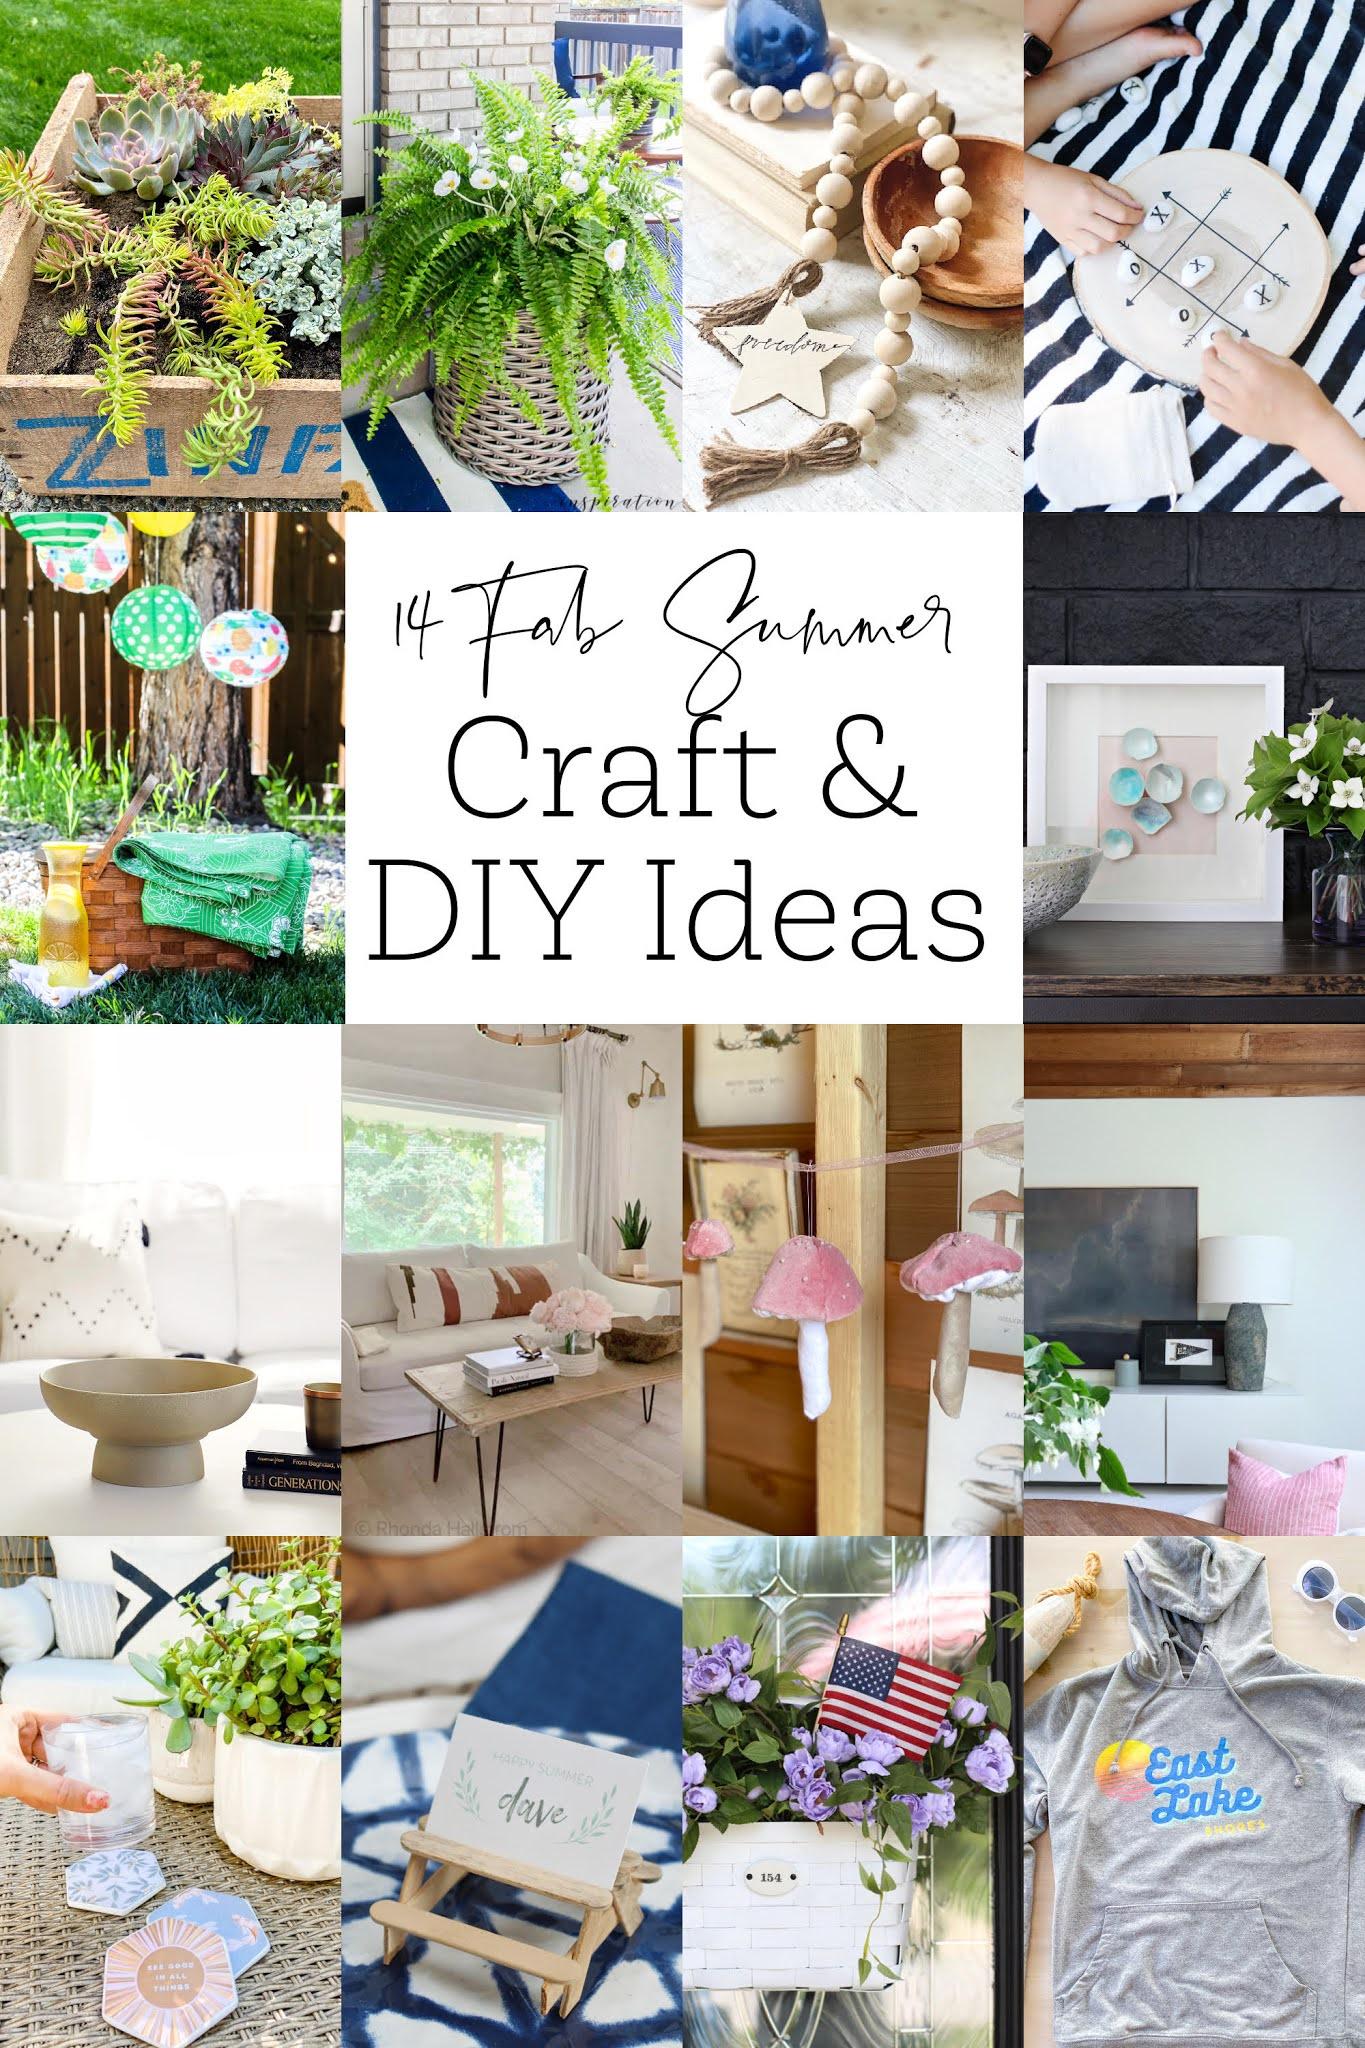 summer diy ideas, summer craft ideas, diy crafts for summer